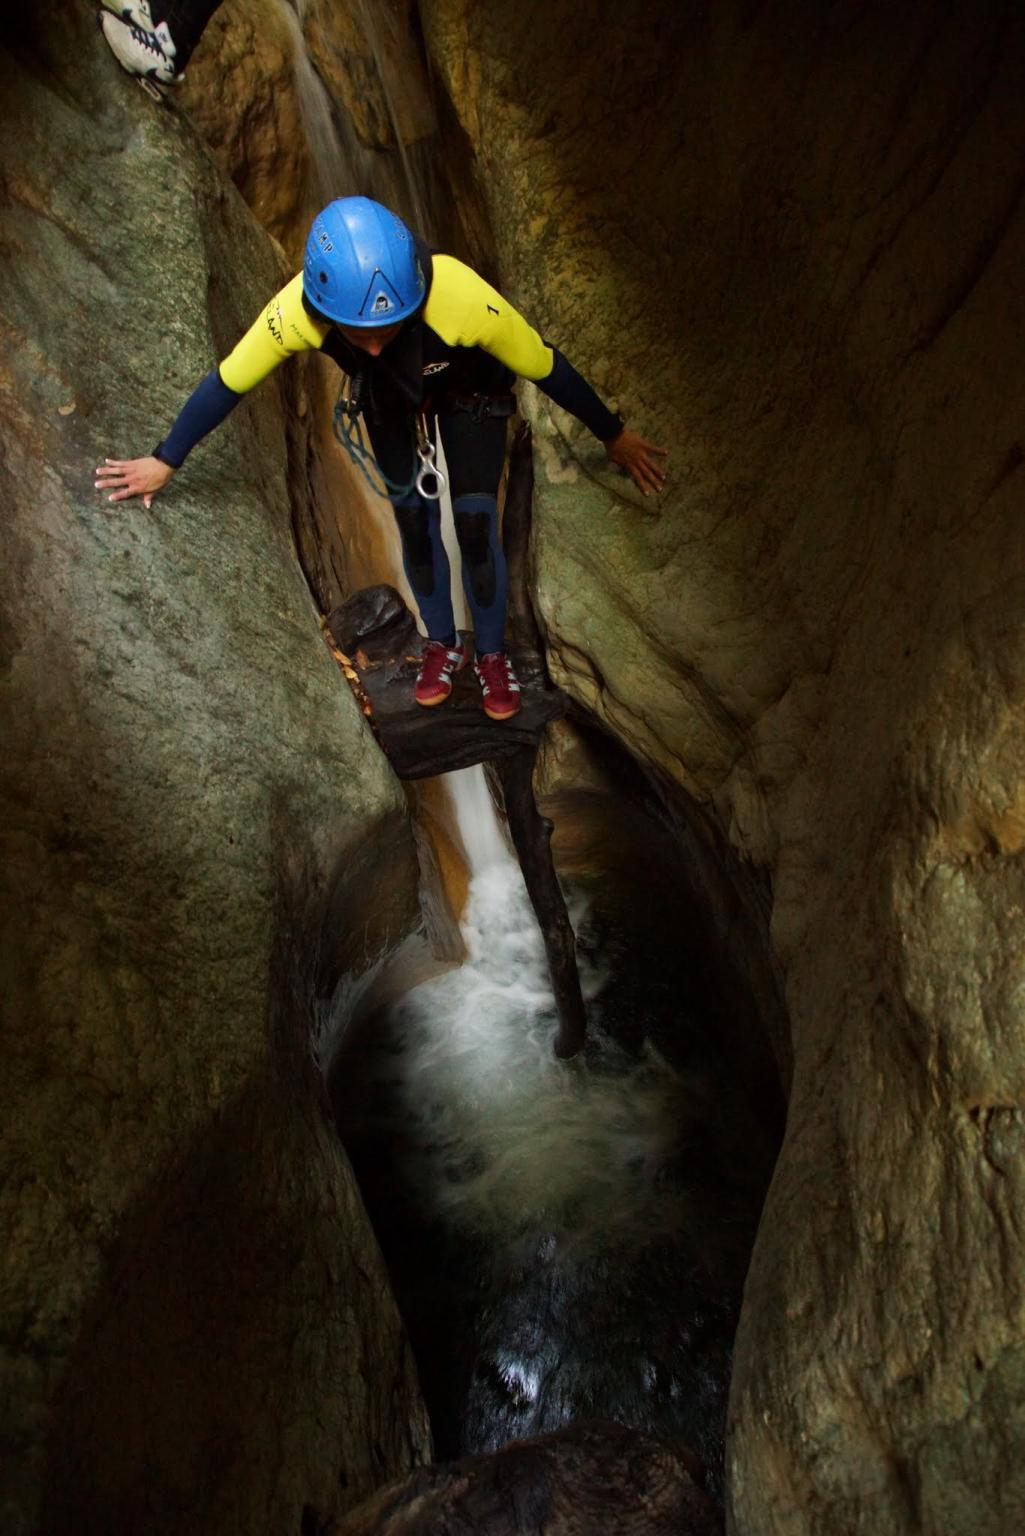 Petit saut dans la zone des mains courantes. Ici le canyon ne fait sue 1,50m de large